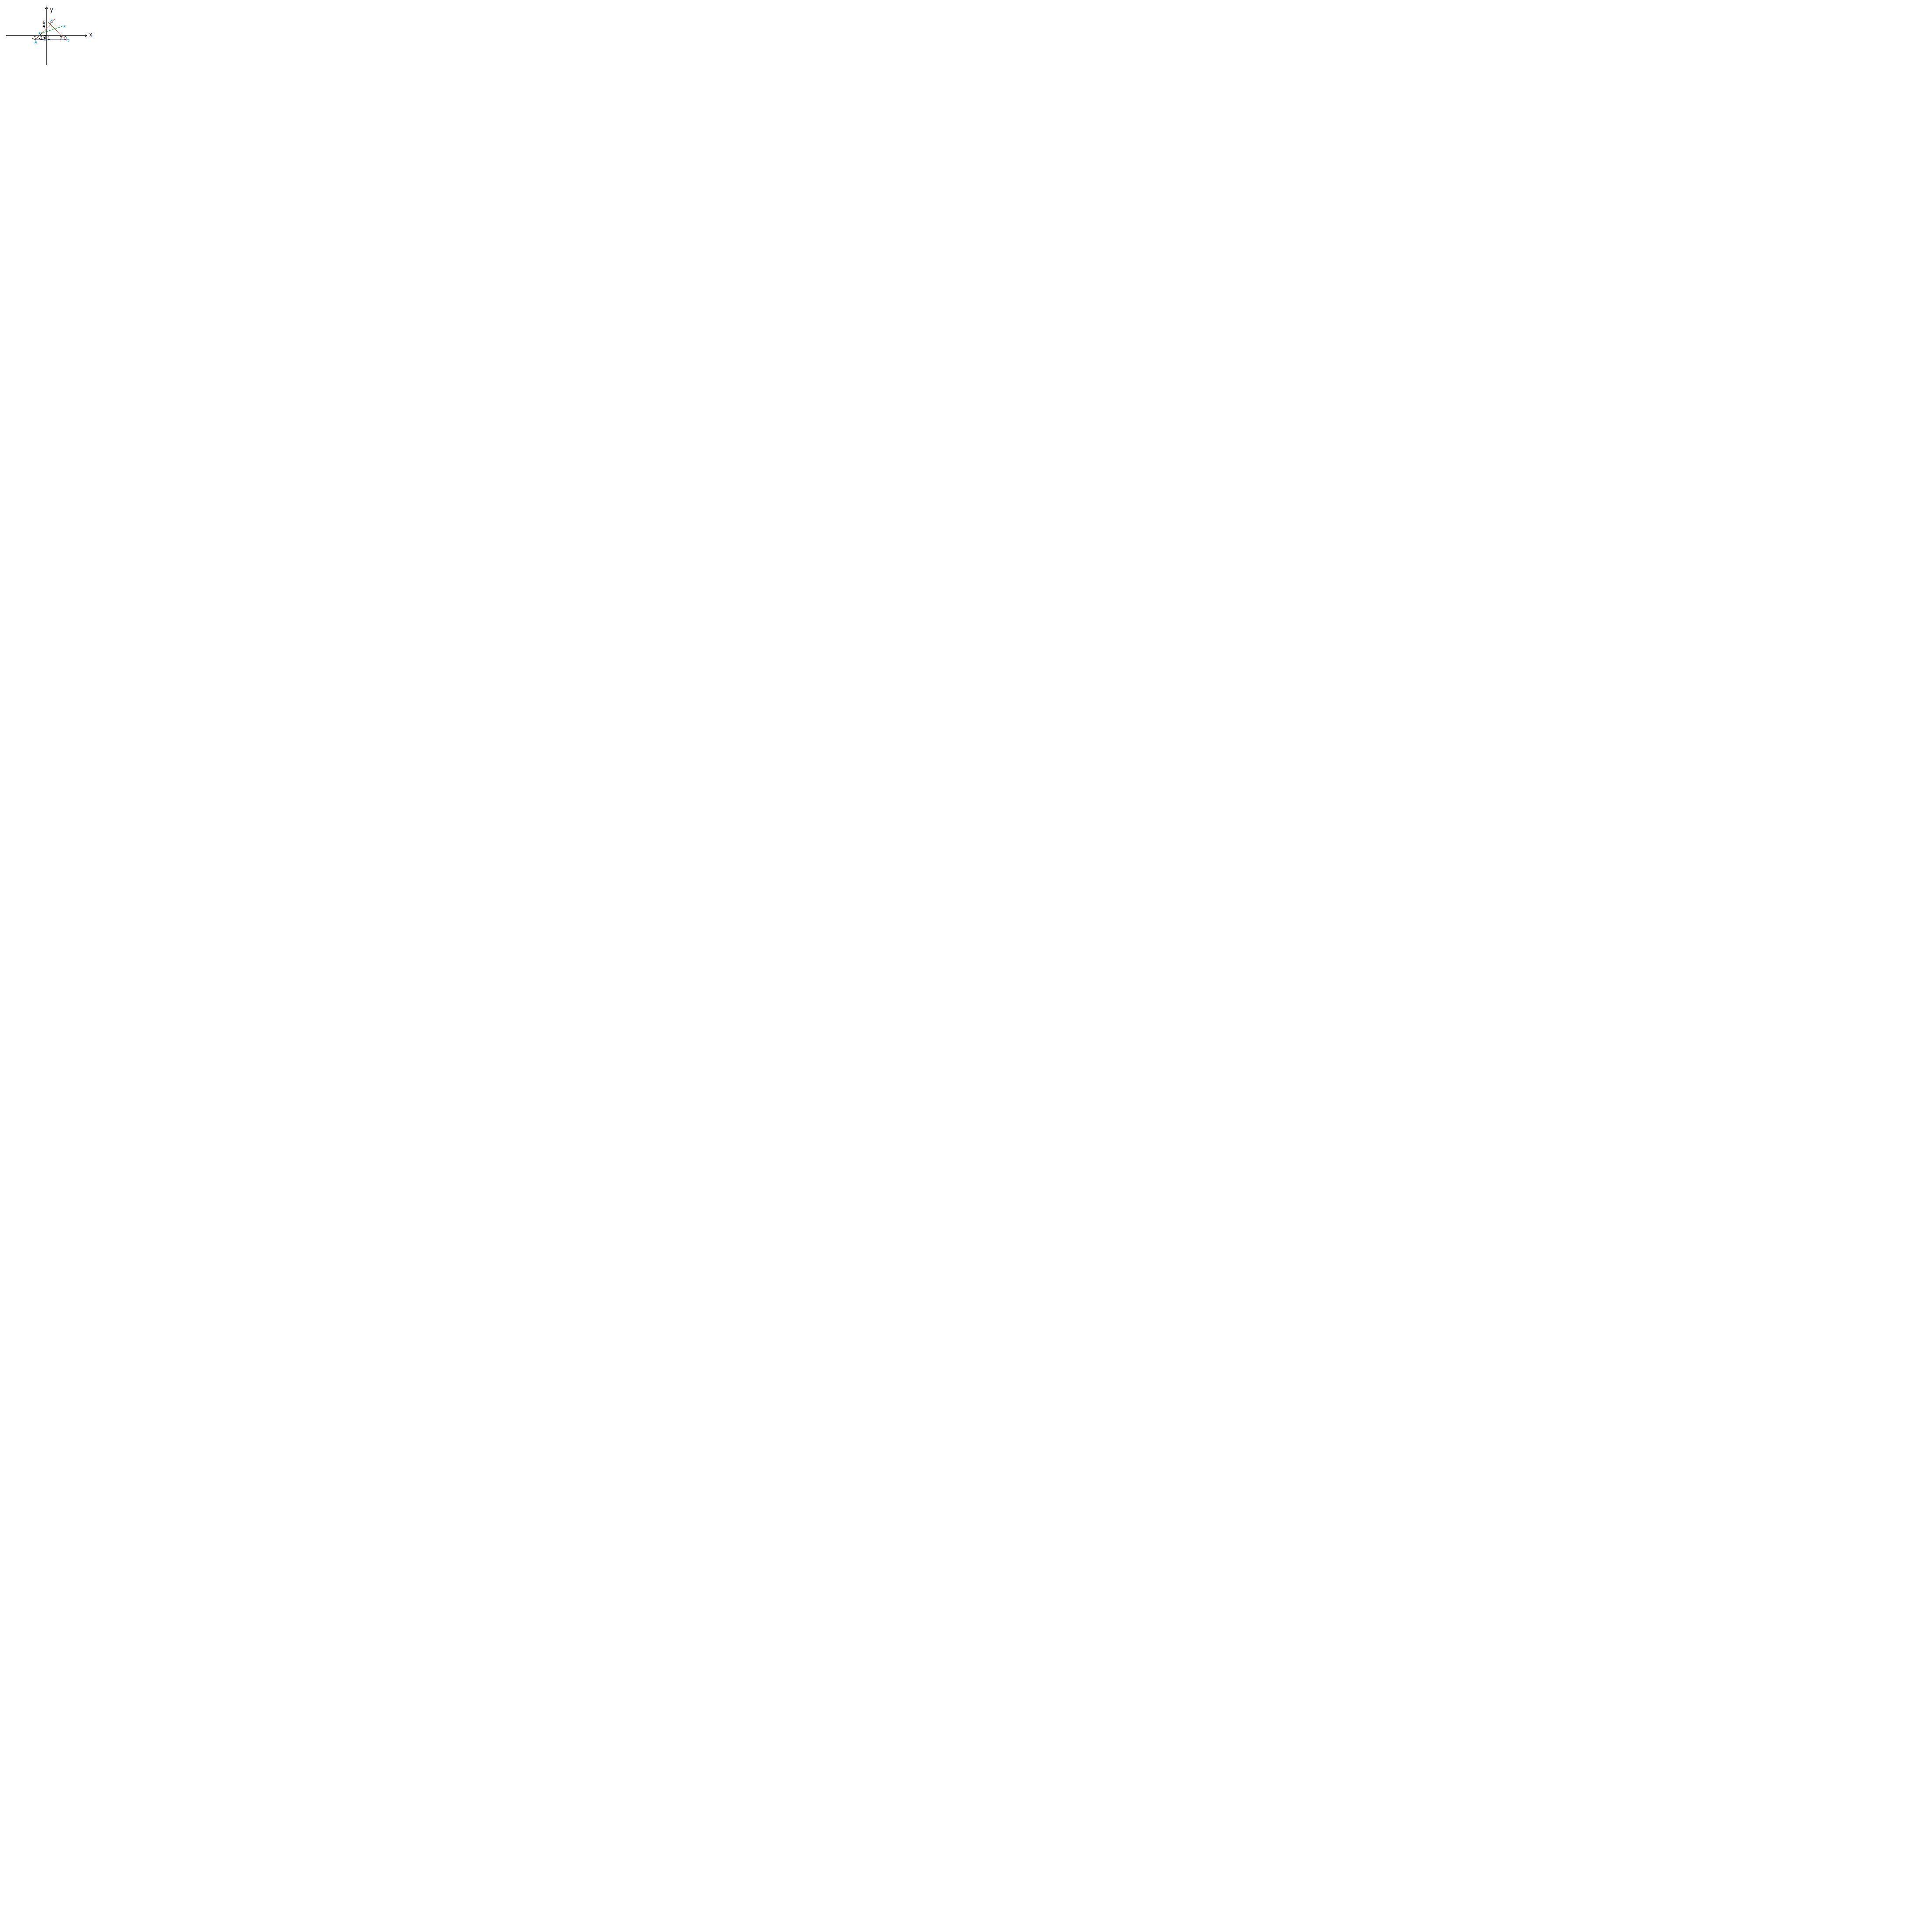 В координатной плоскости отметьте точки А (-5;